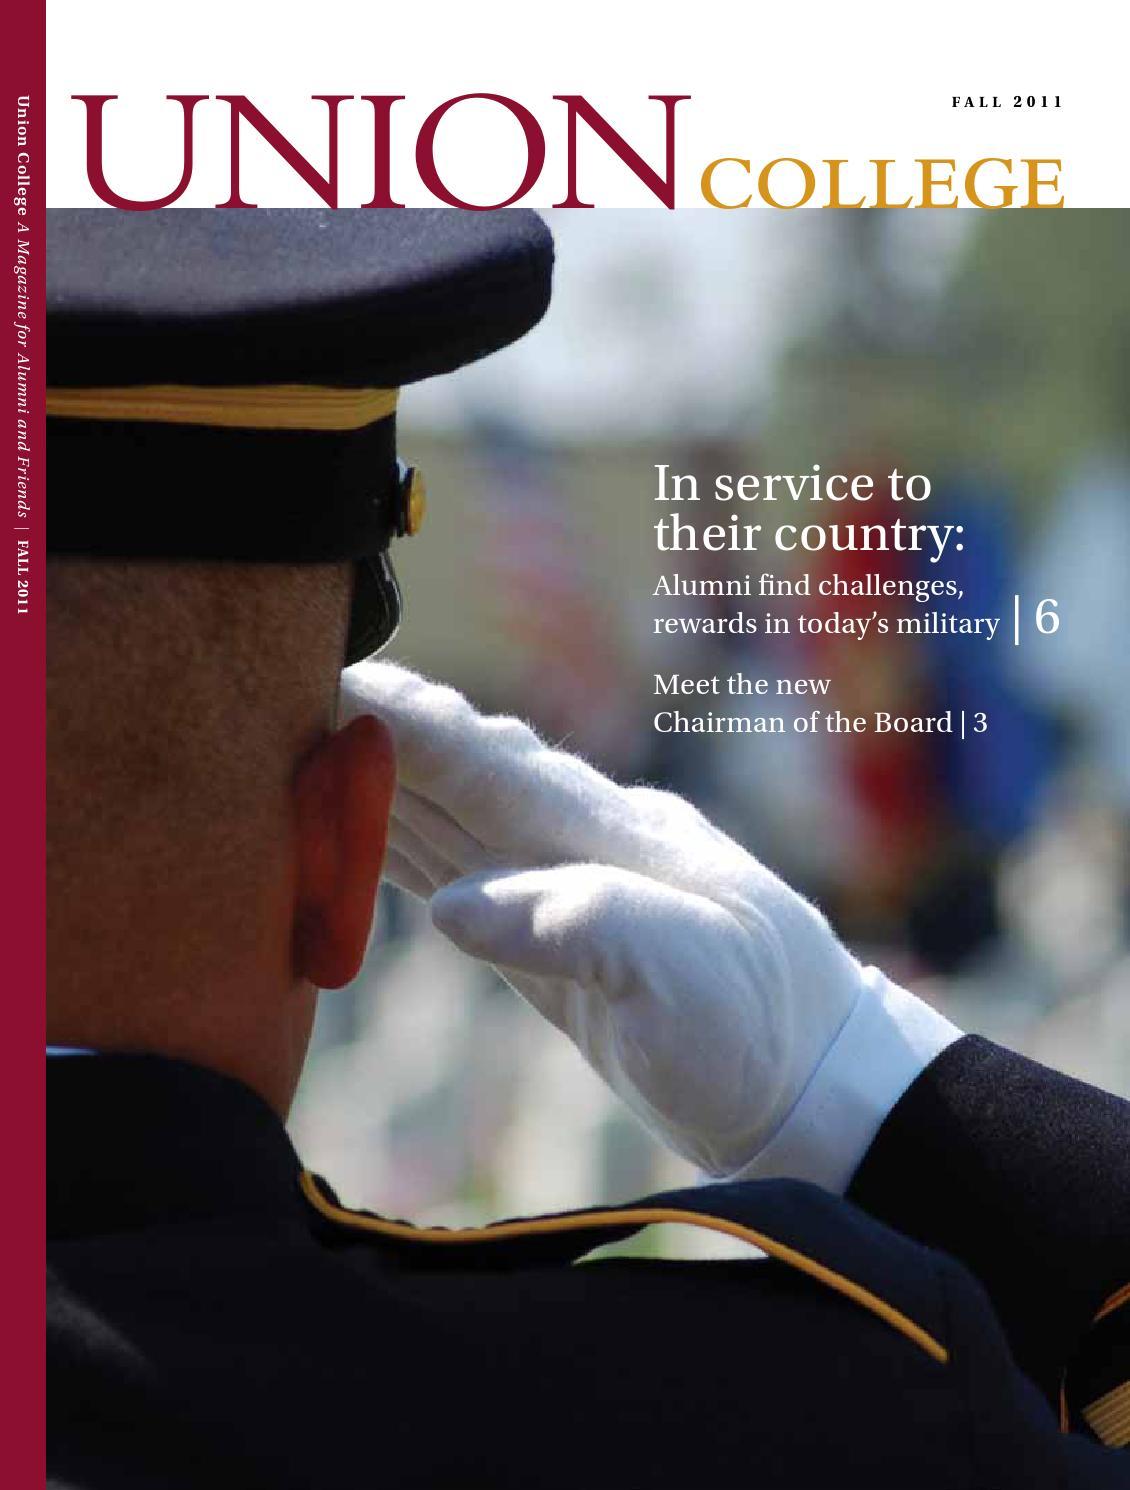 af8bbfa1b66 Union College Magazine Fall 2011 by Union College - issuu